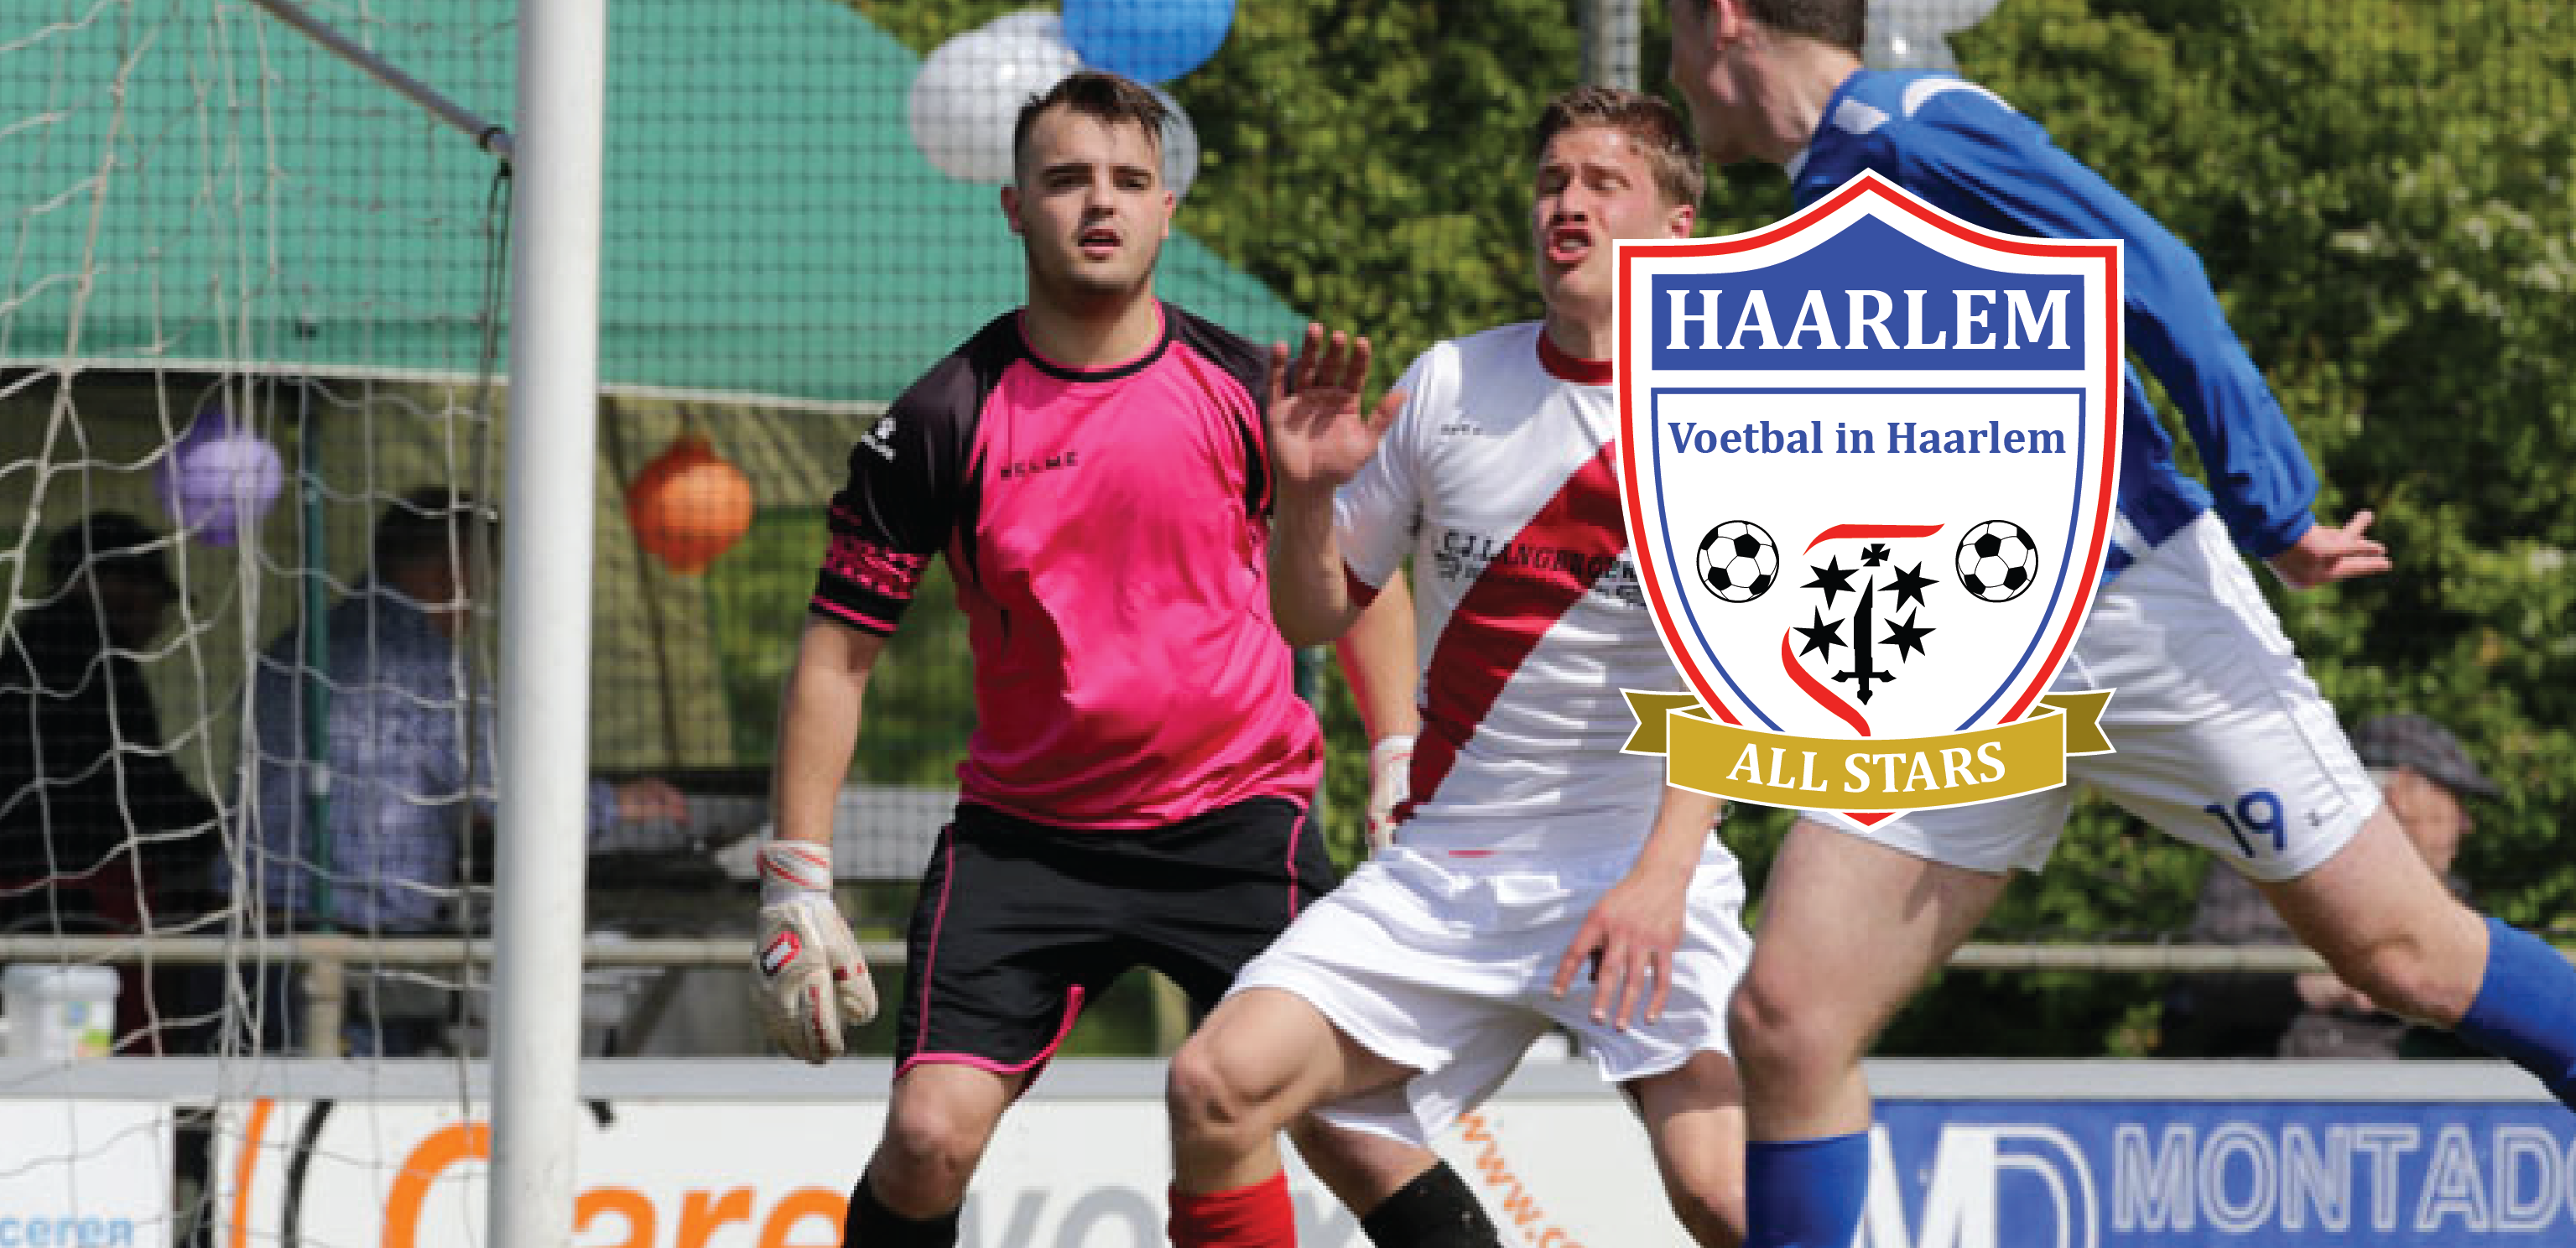 Joey de Jong - Voetbal in Haarlem